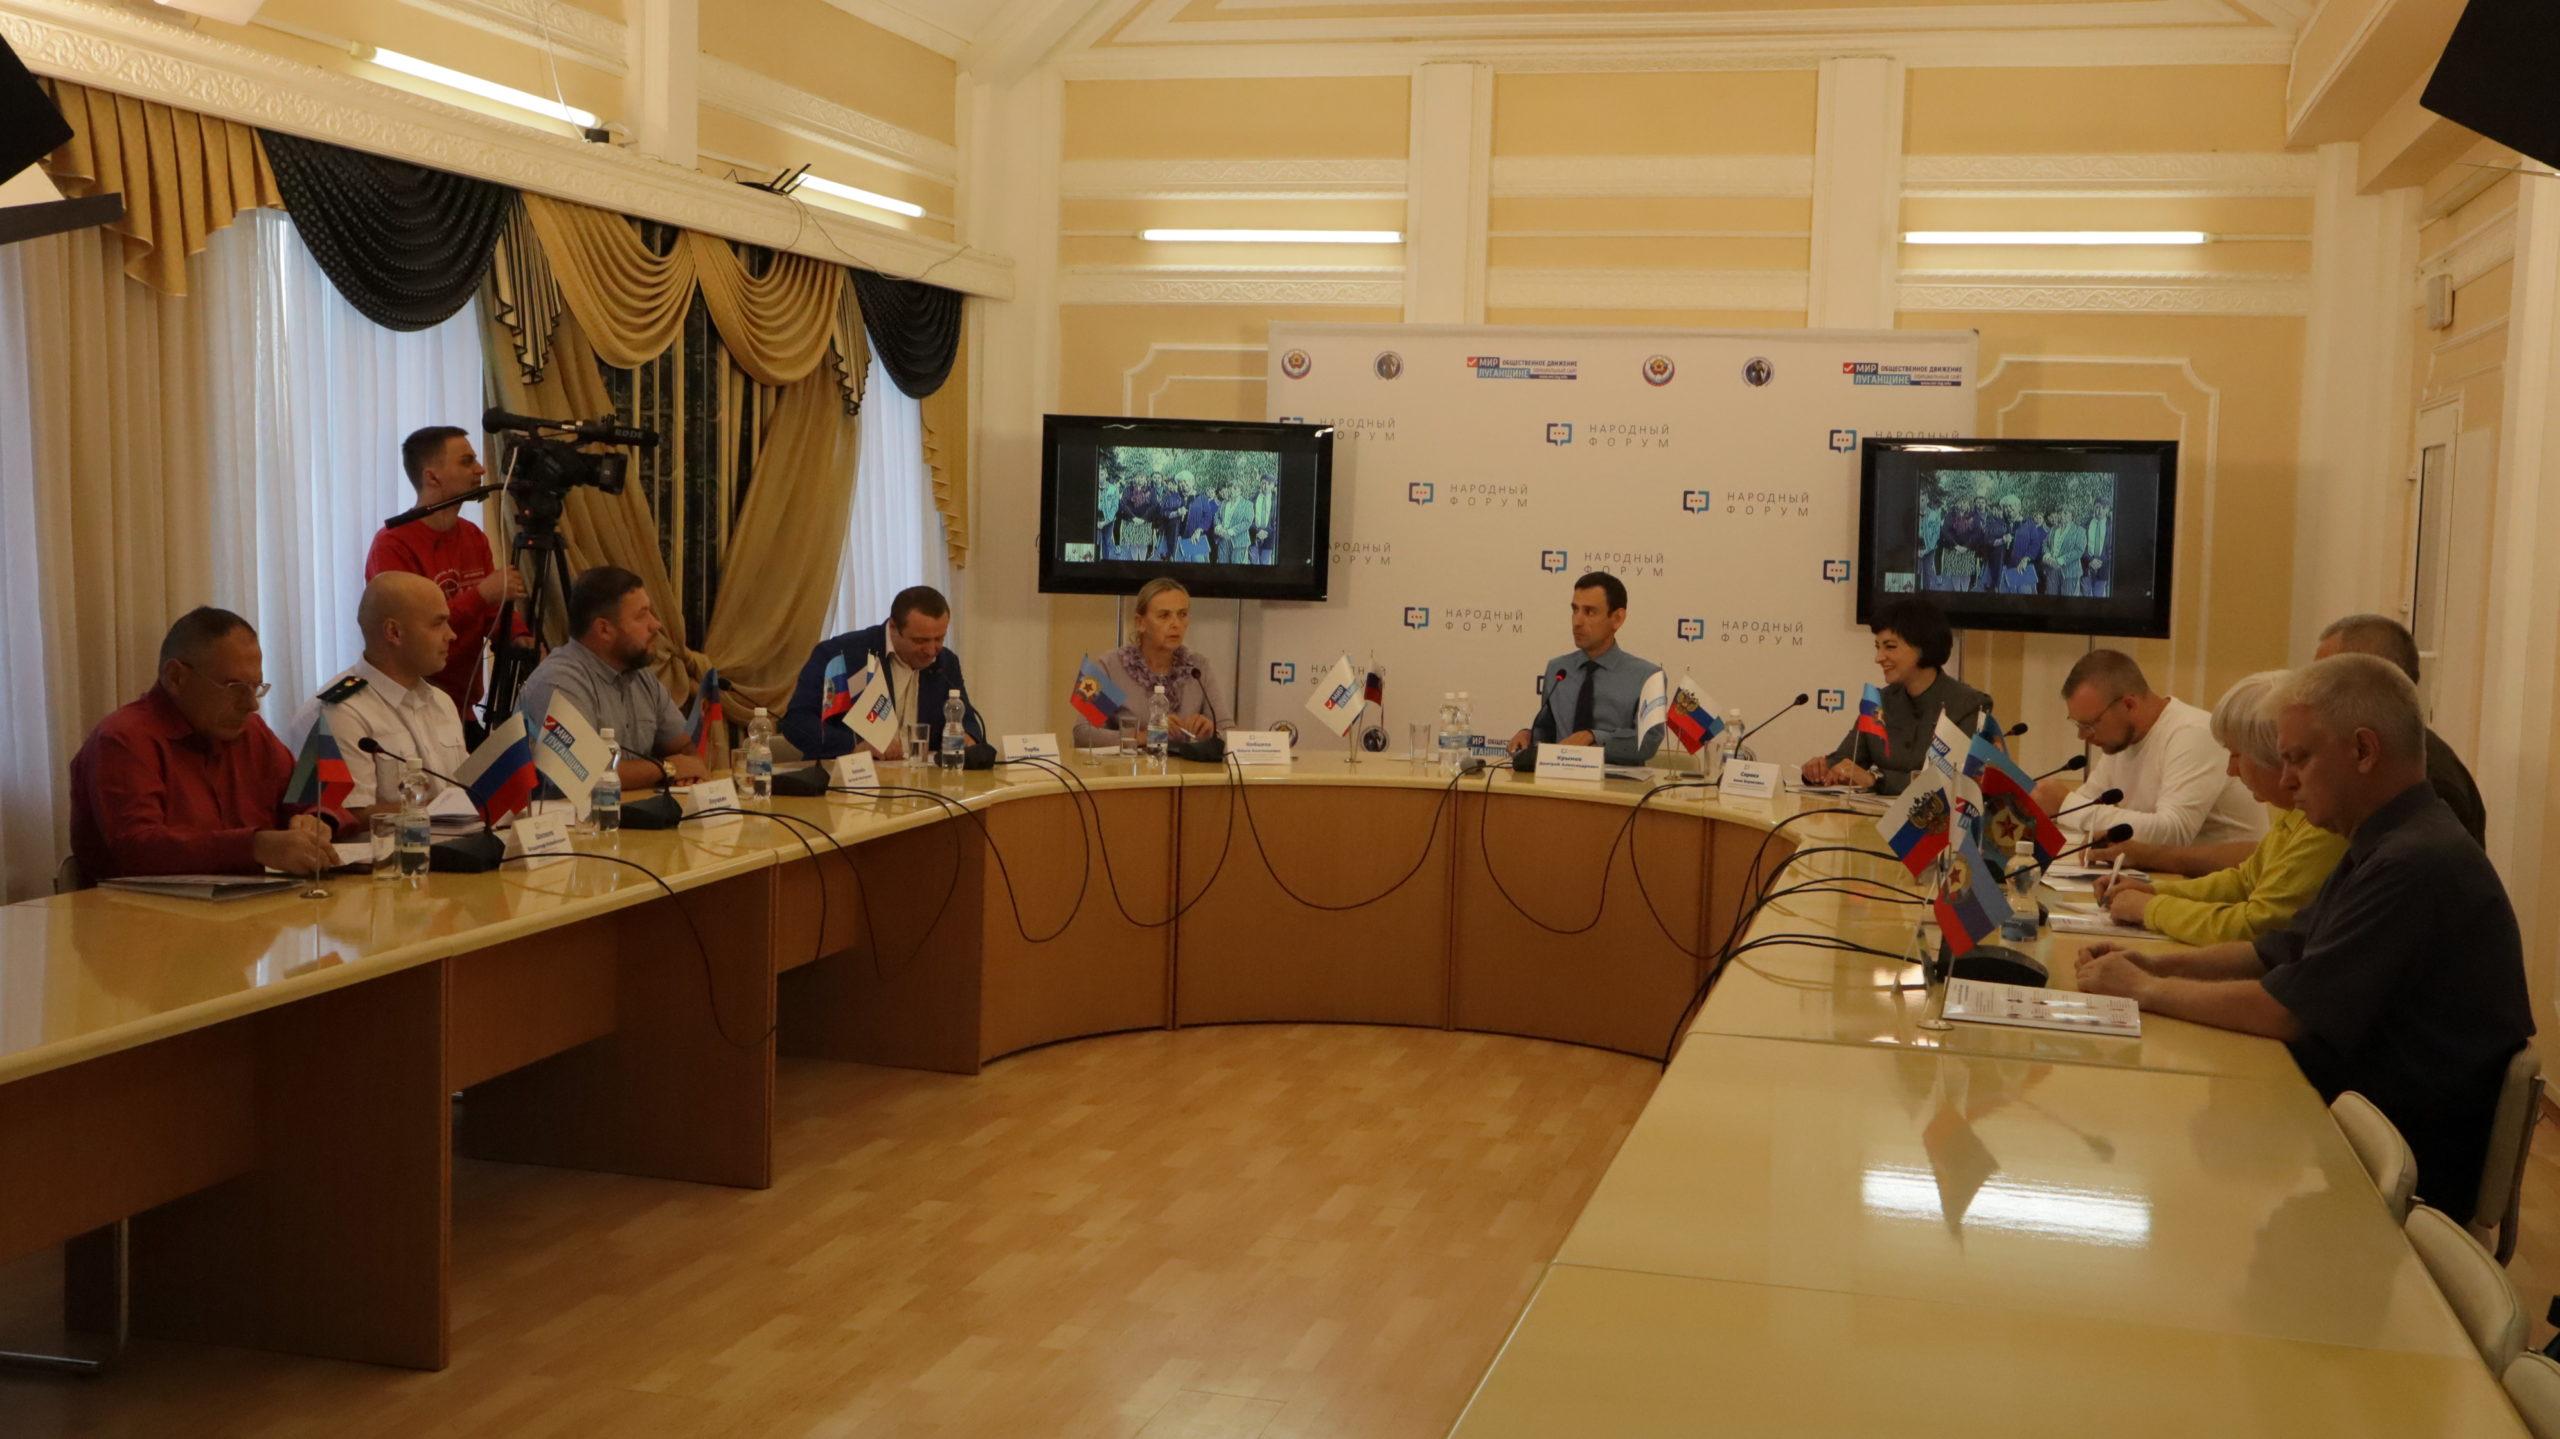 Мы найдём каждого погибшего в этой войне – участники «Народного форума» обсудили агрессию ВСУ в отношении Донбасса 1